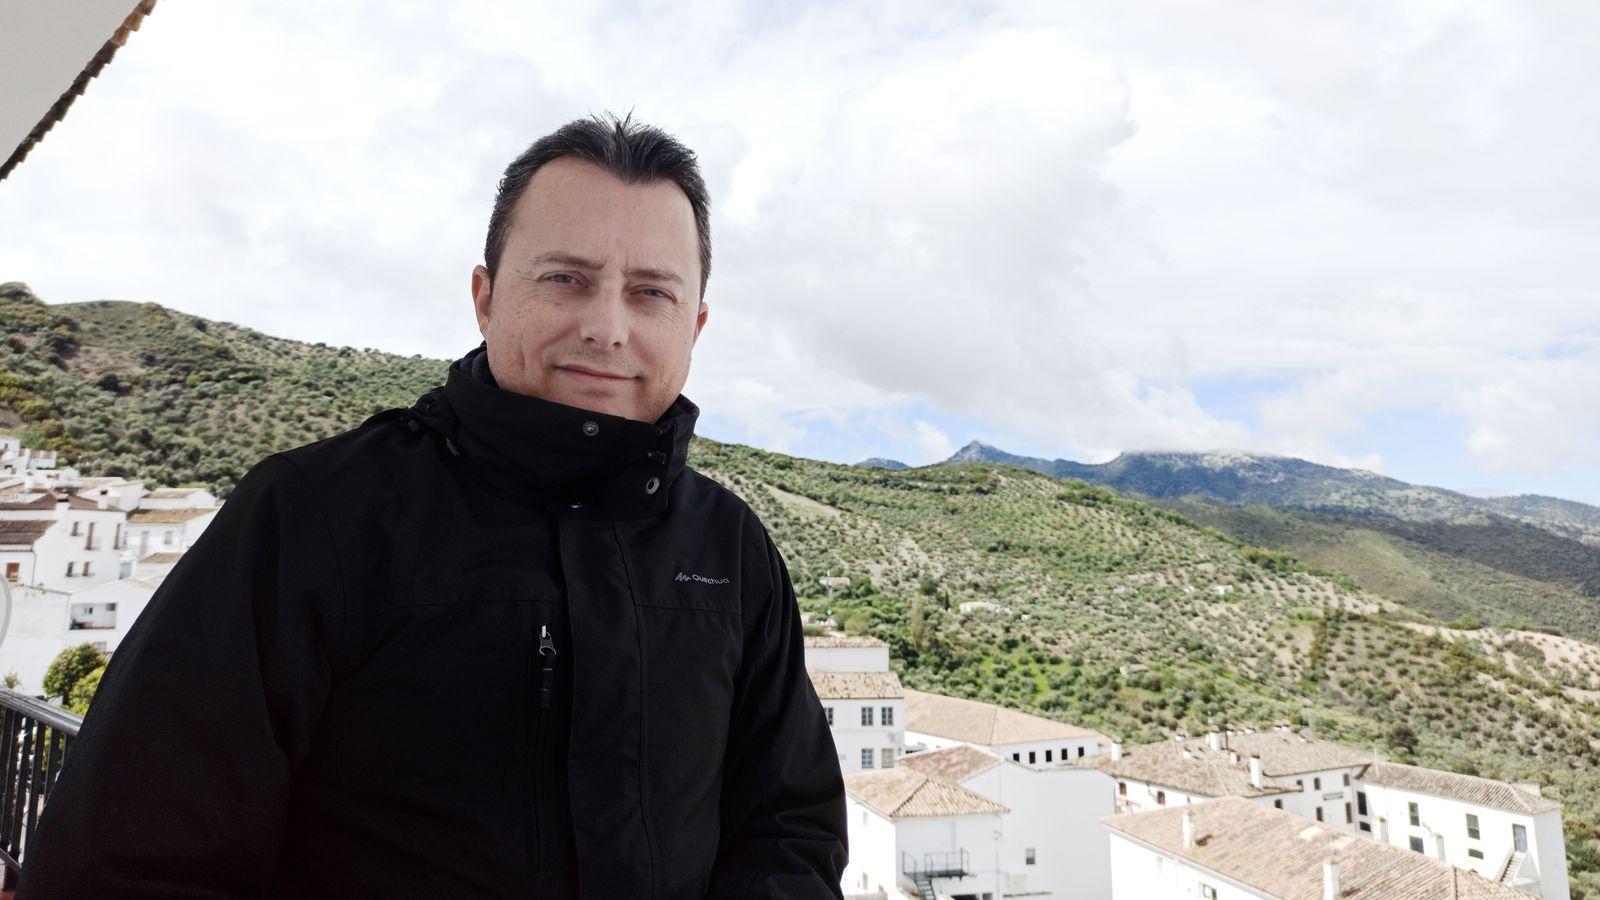 Santiago Galván